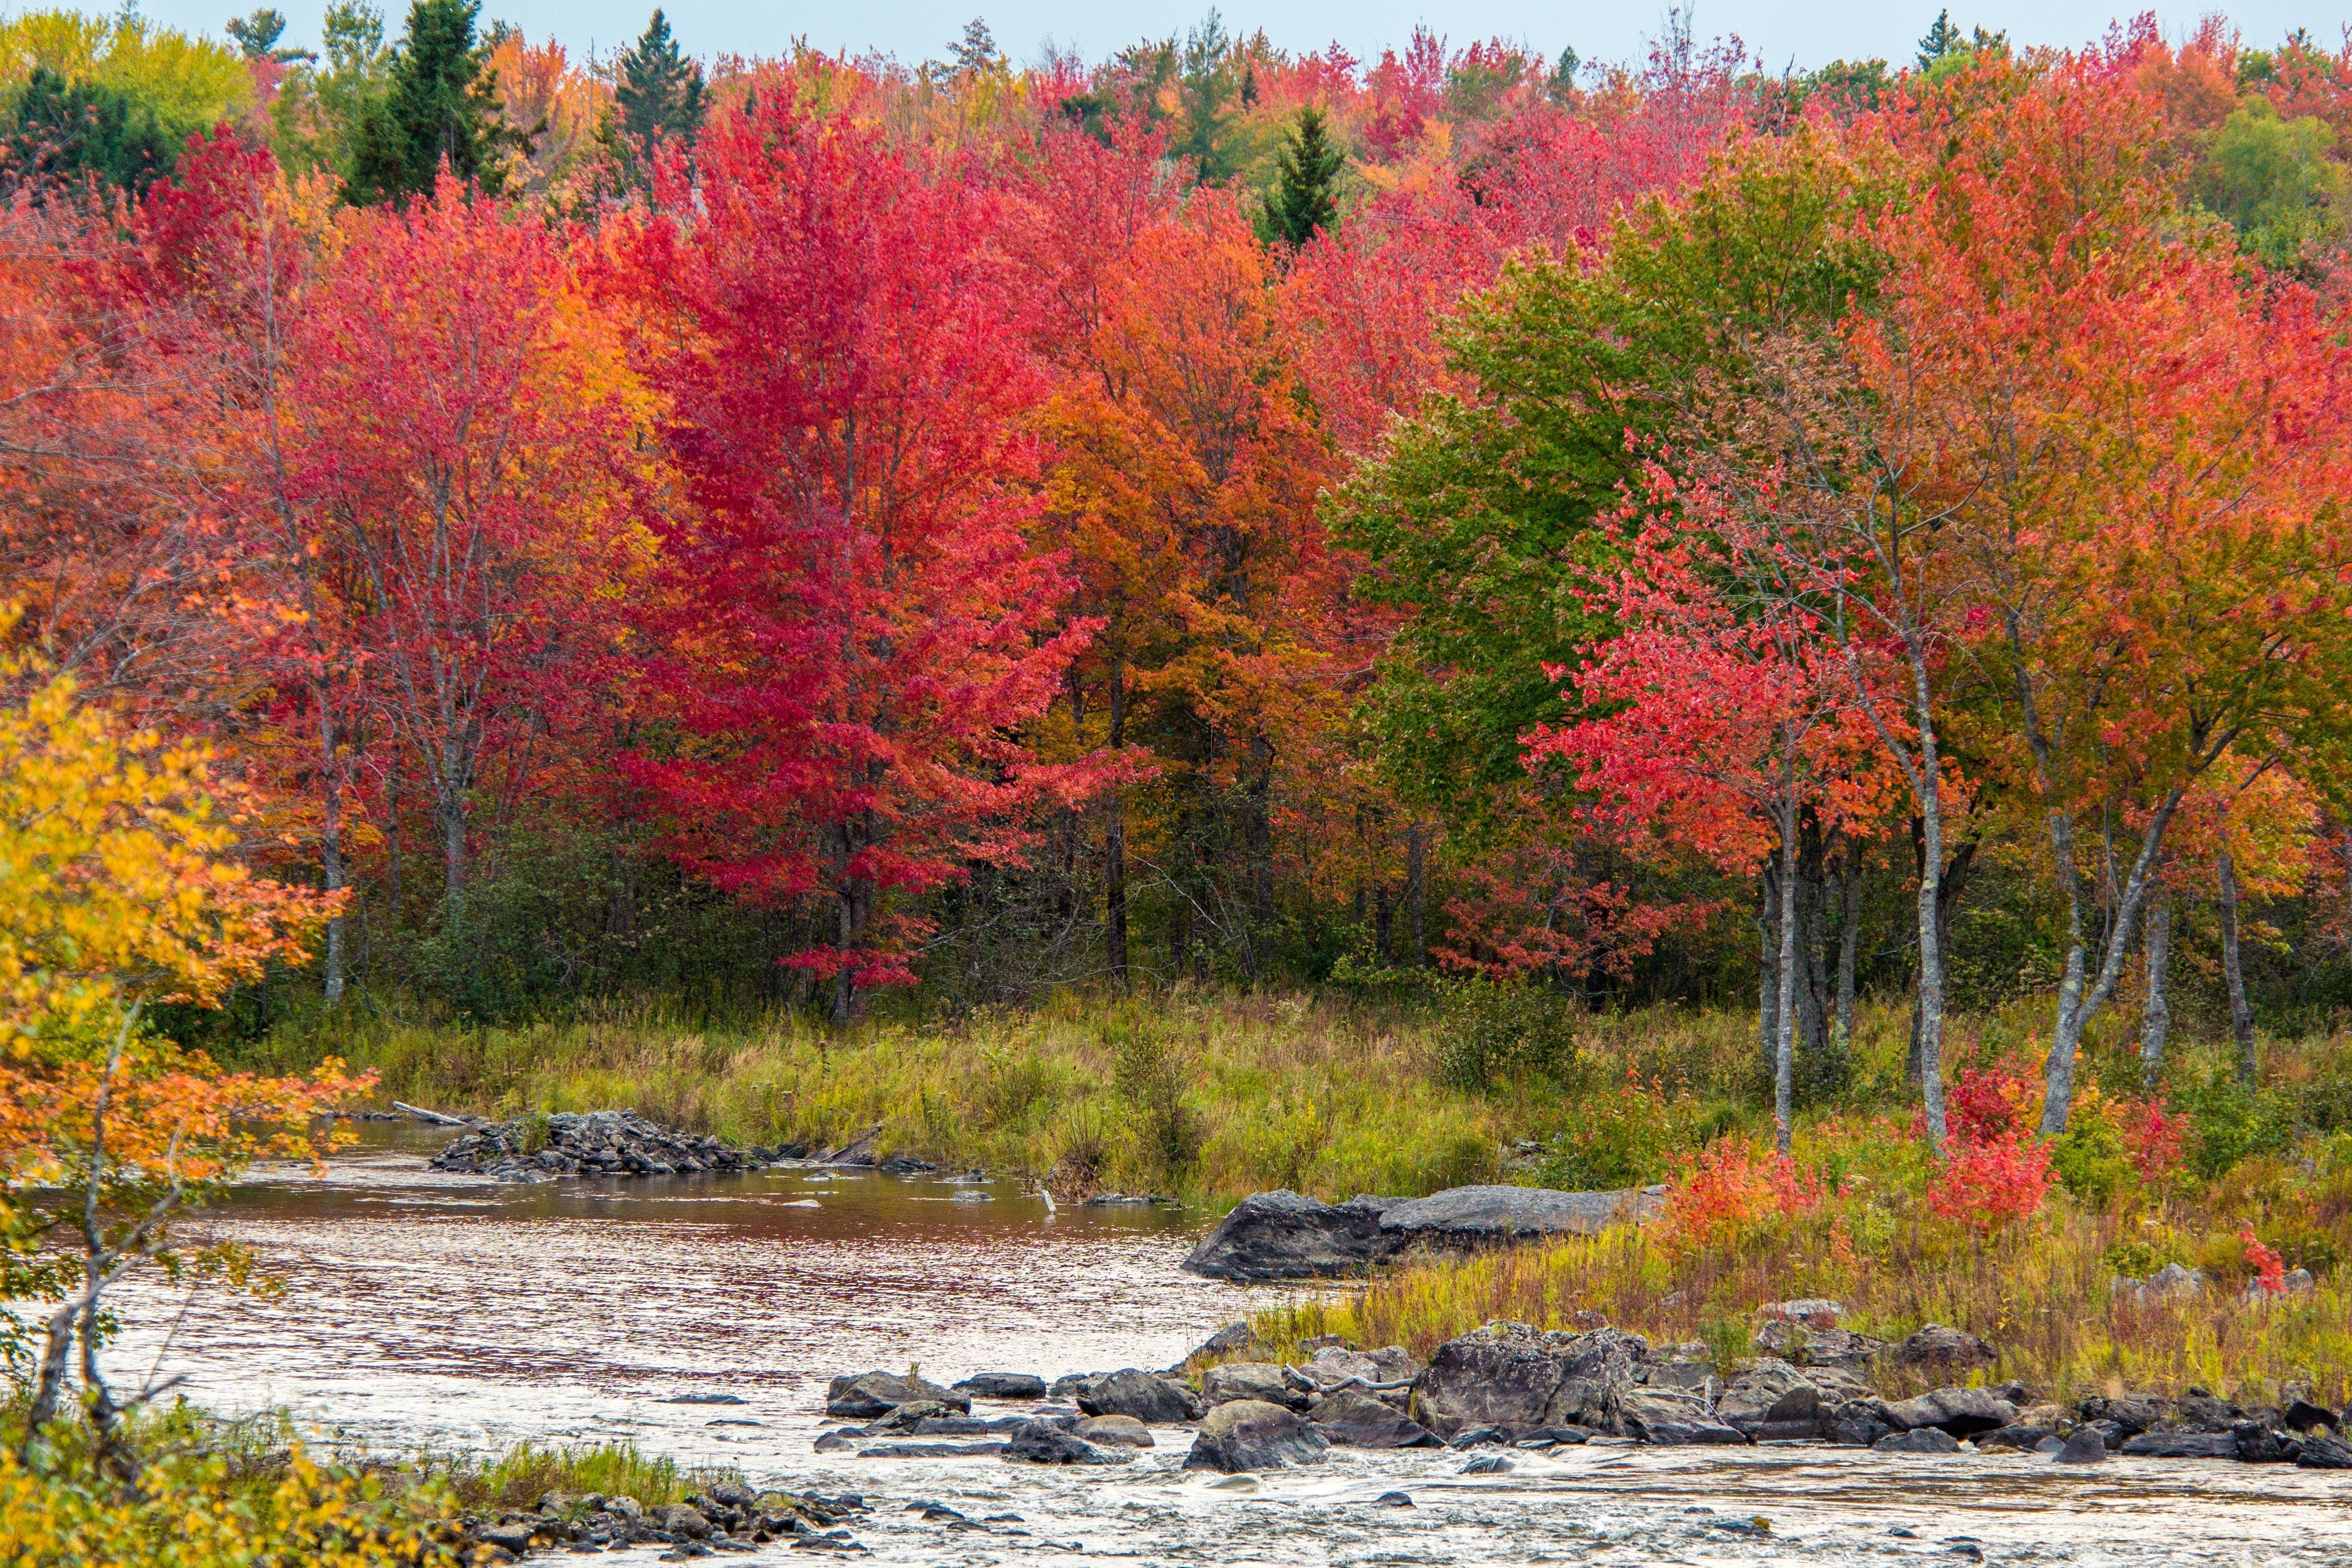 Free stock photo of autumn, autumn leaves, fall foliage, river